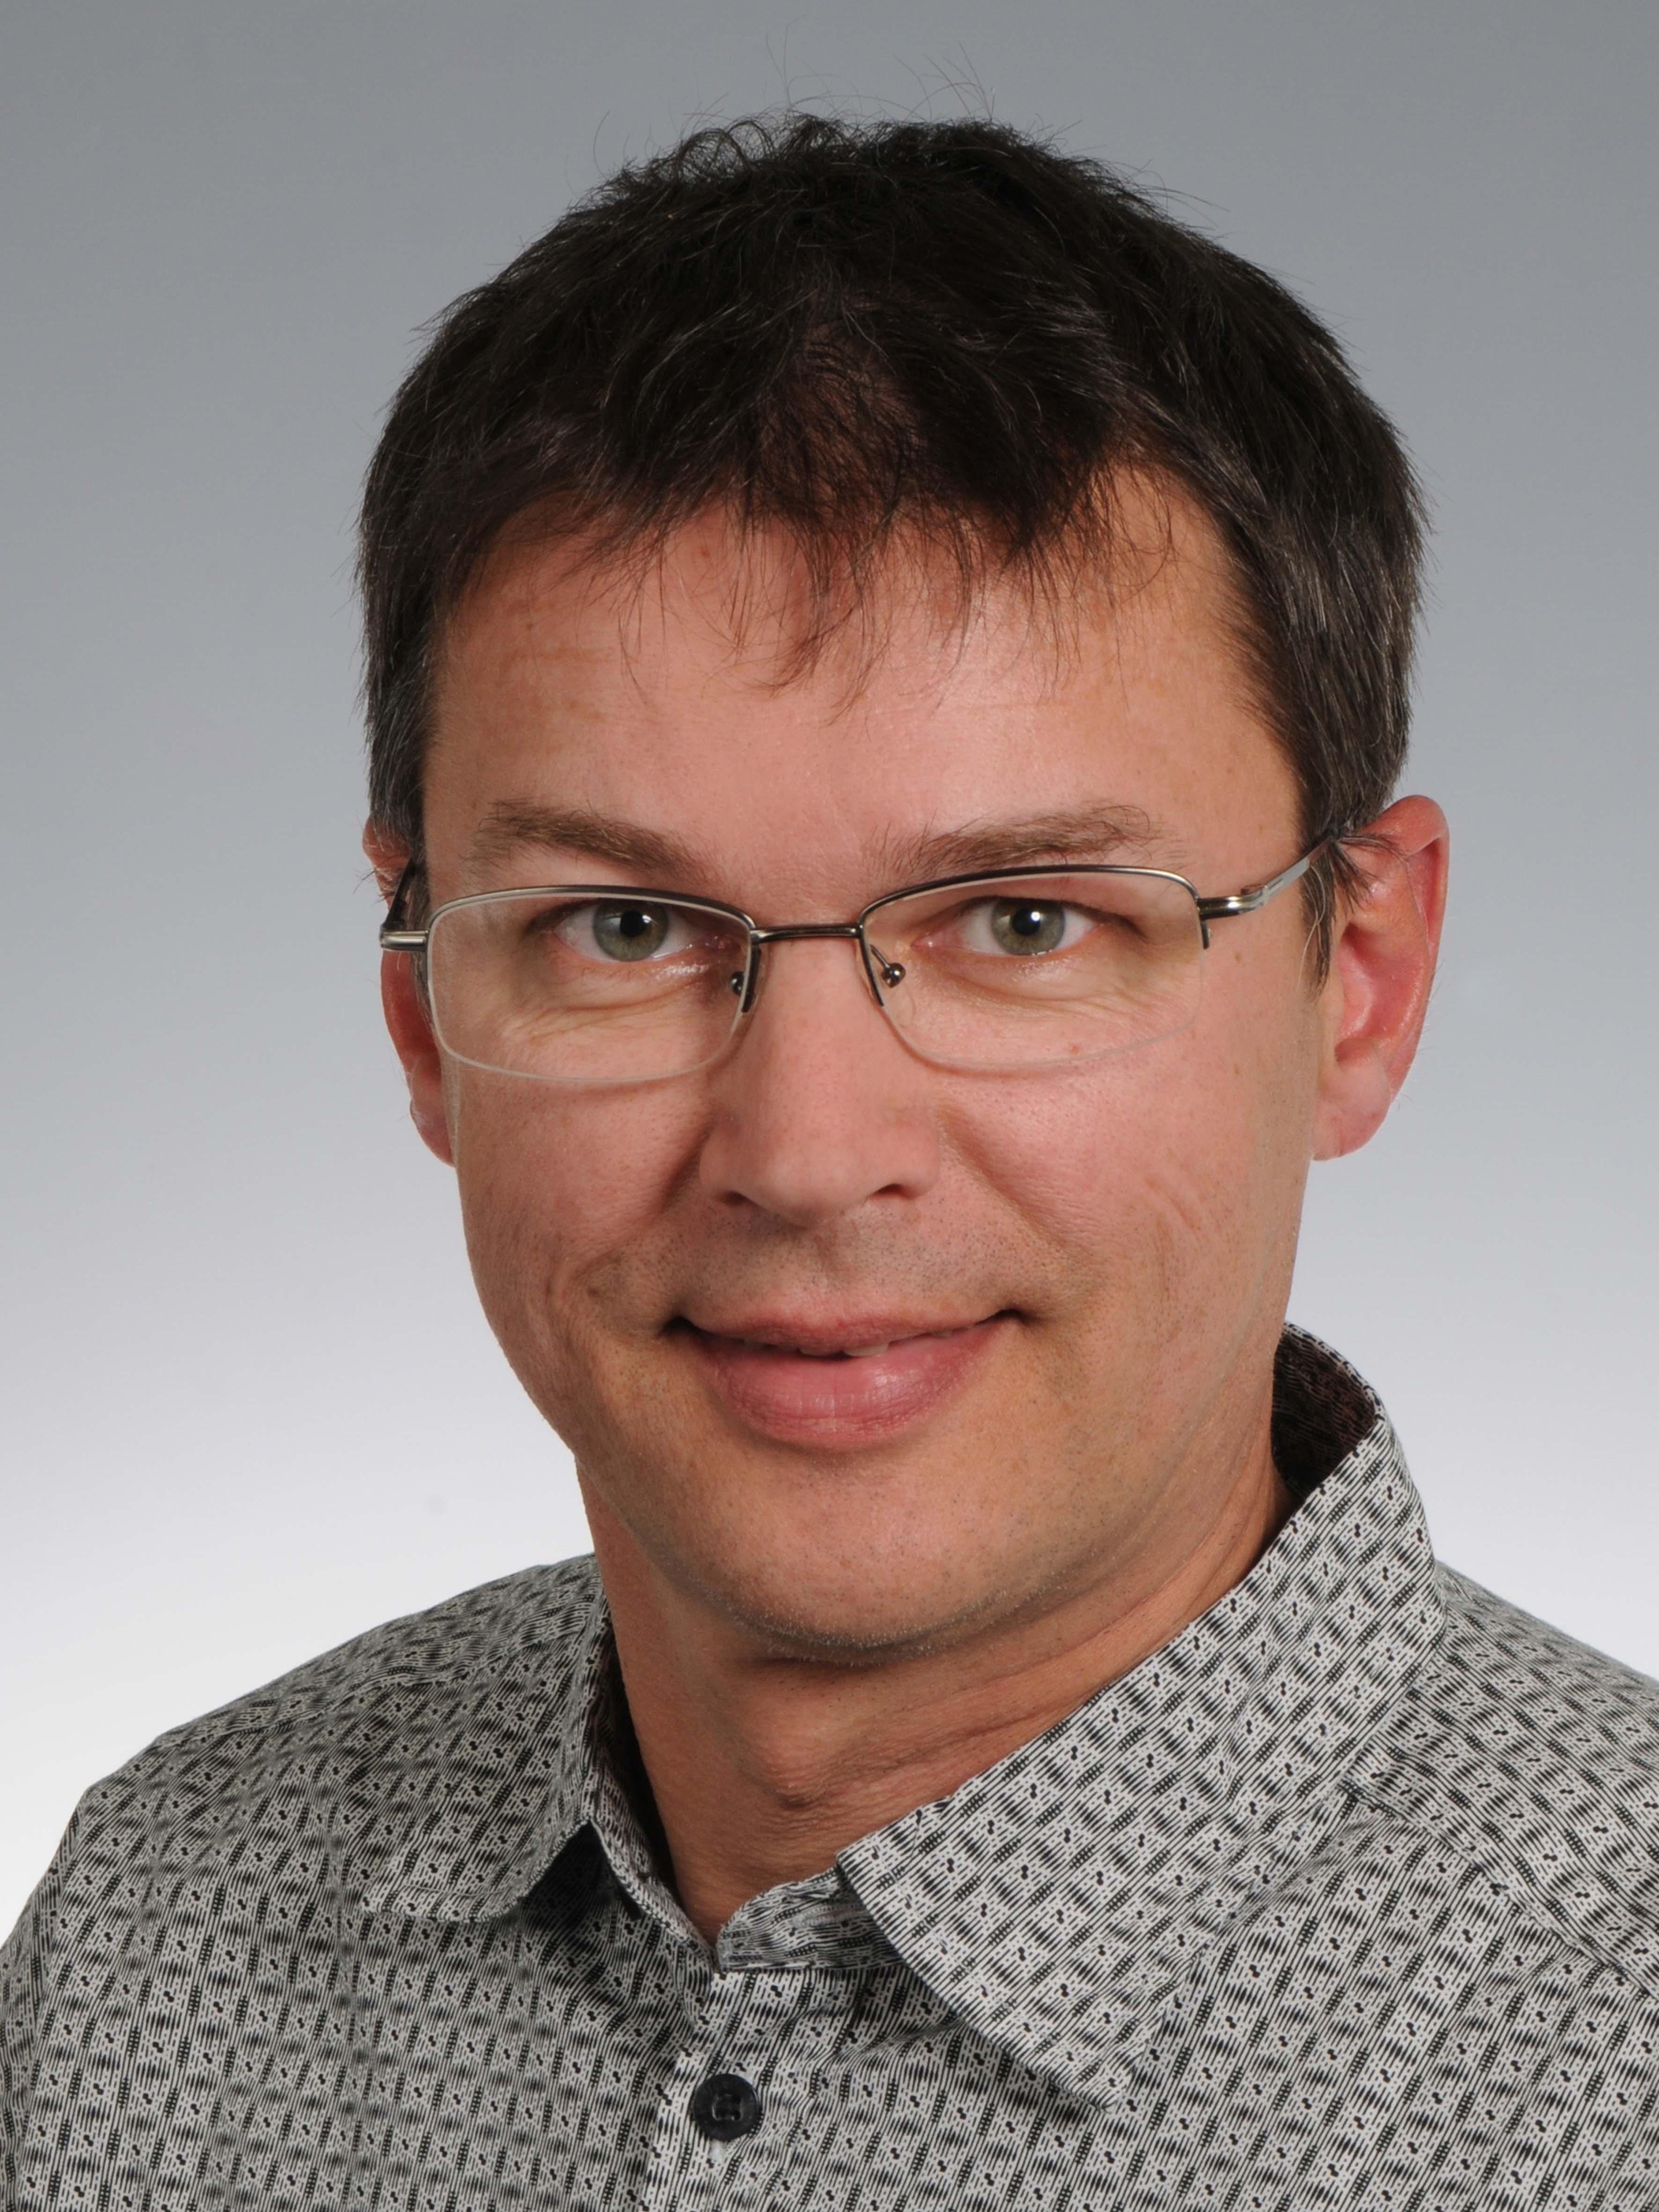 Marius Steck